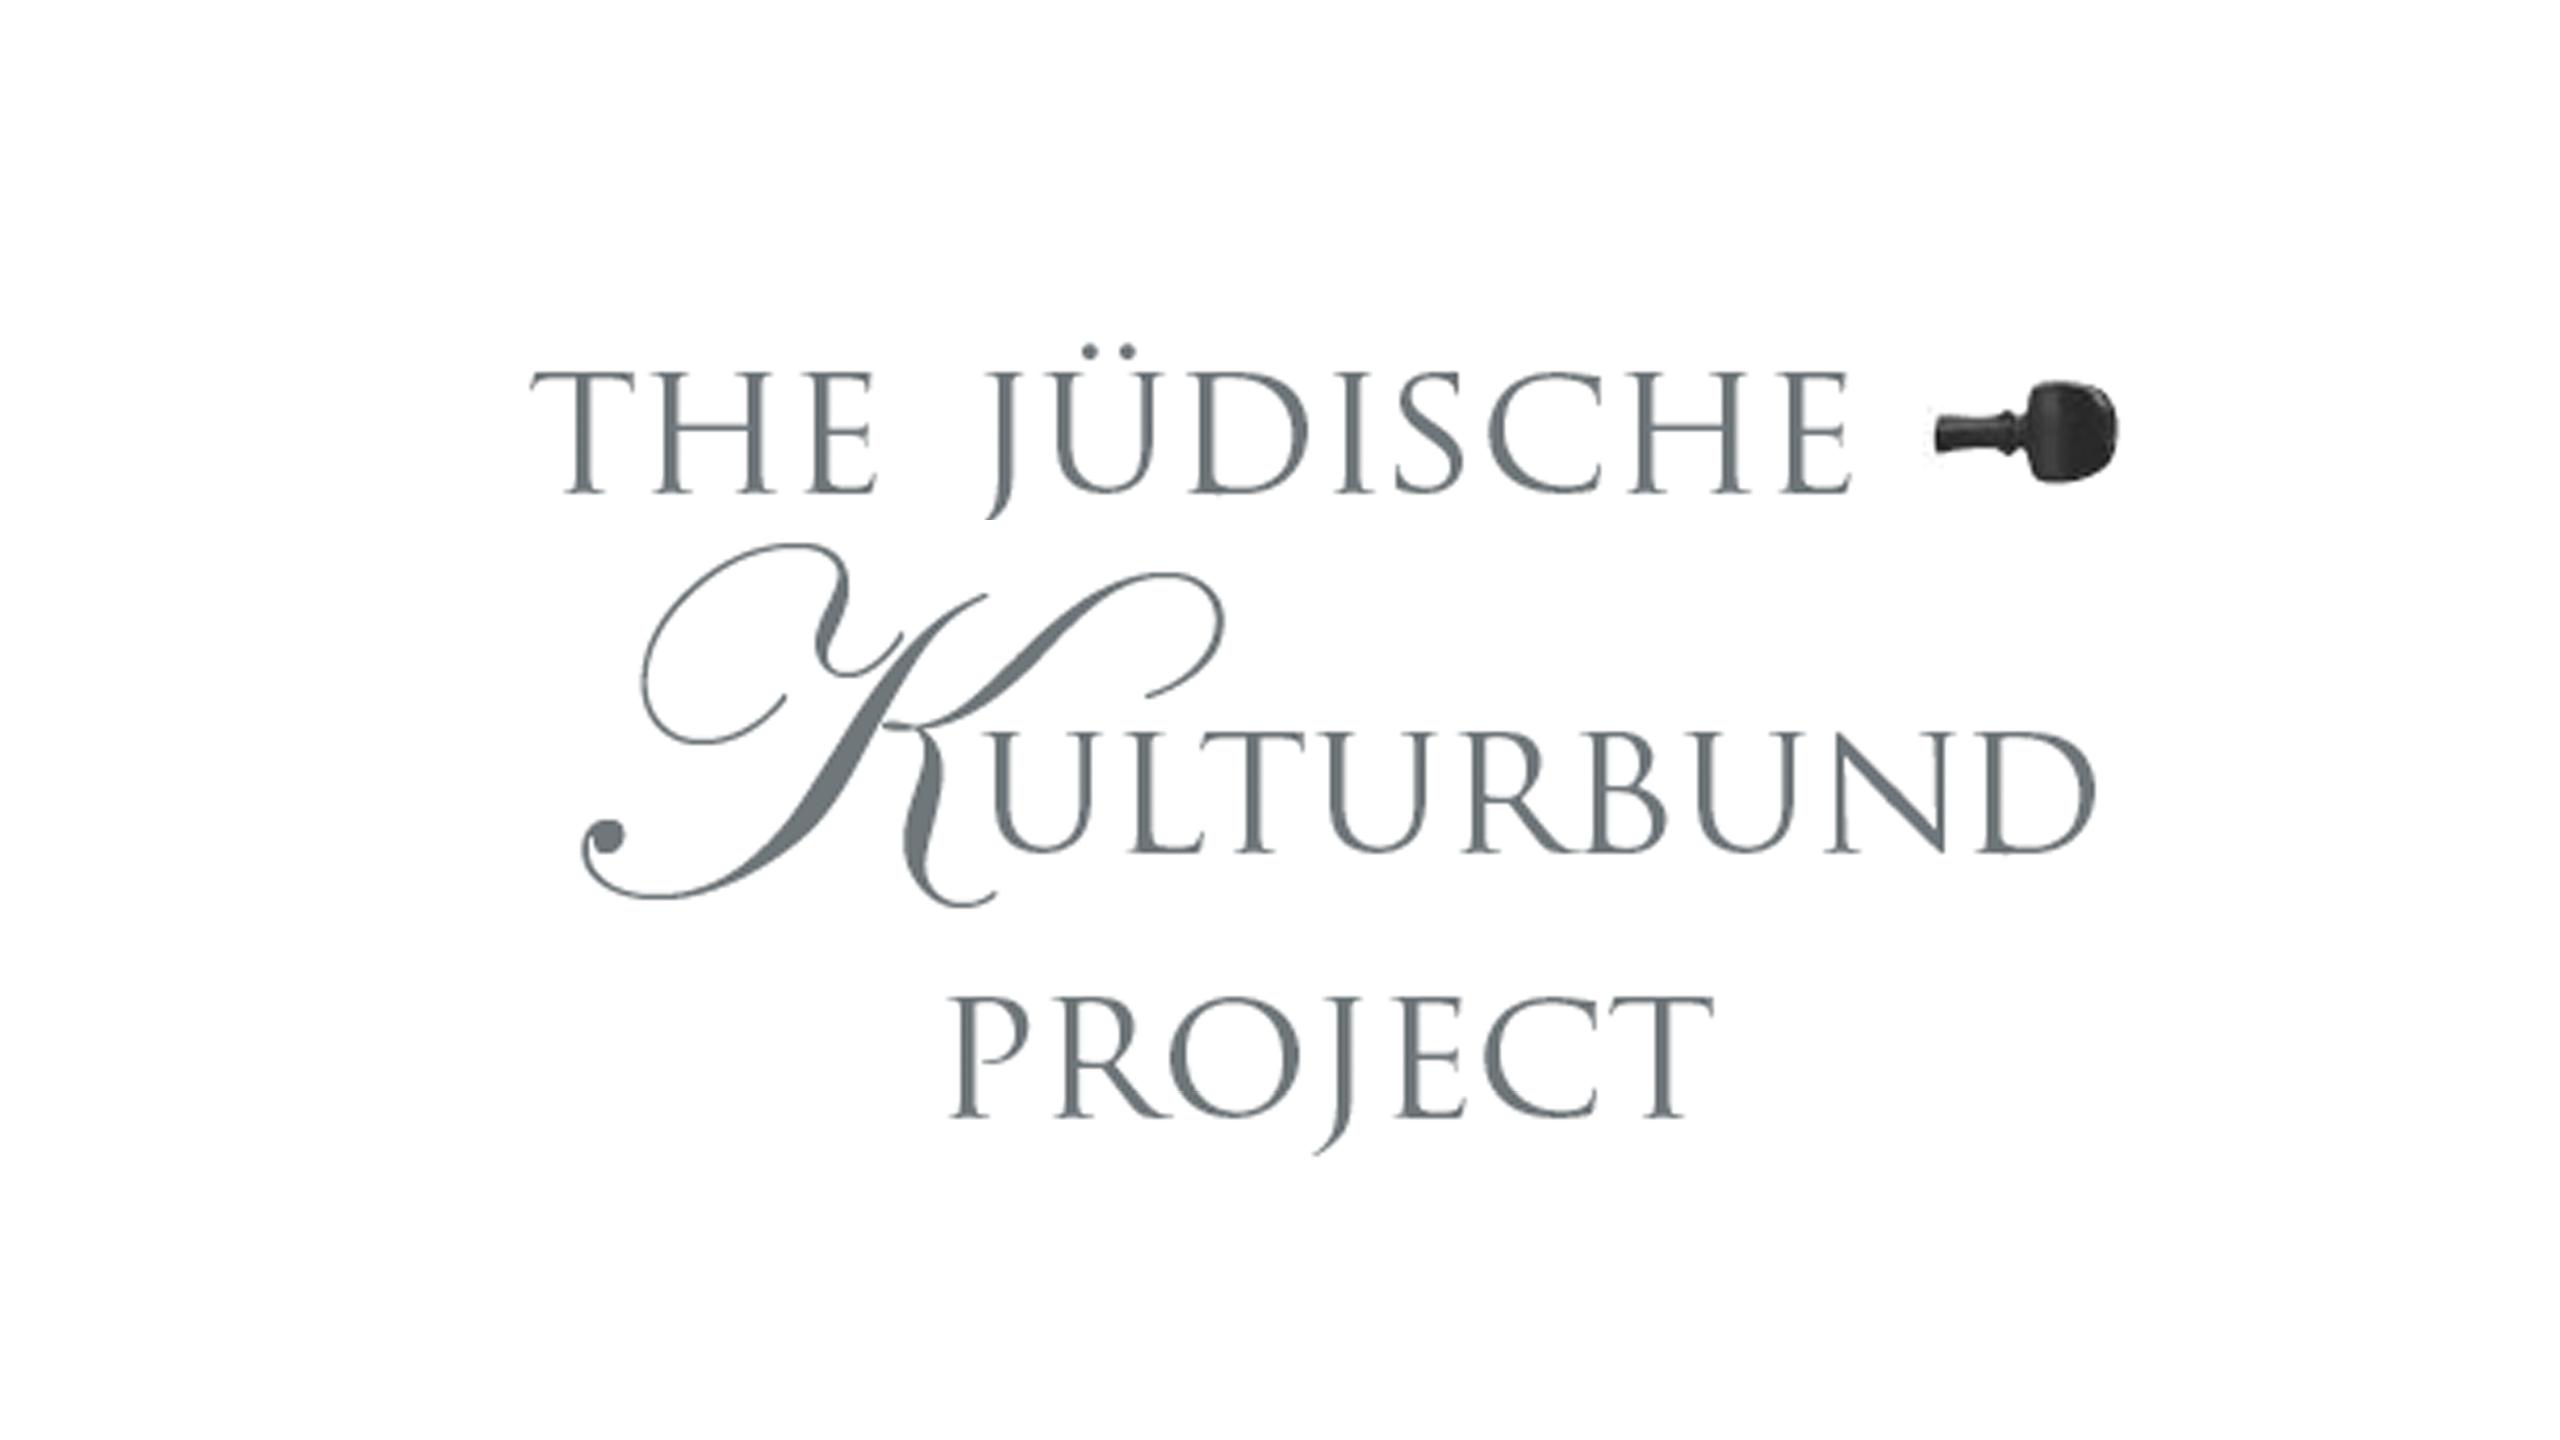 The Judische Kulturbund Project